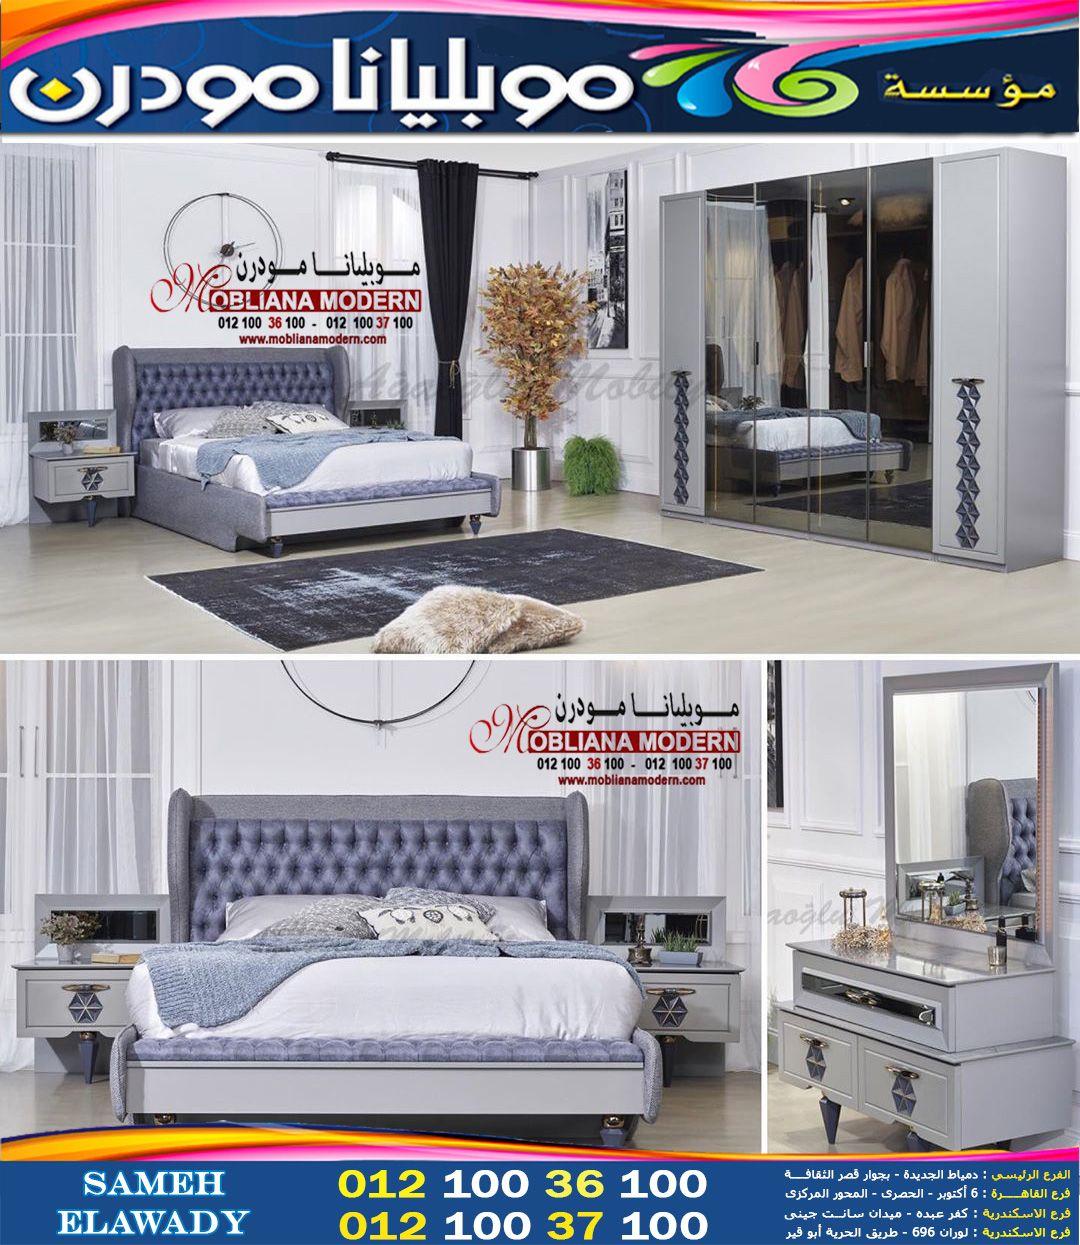 اكـبـر مـول لـلاثاث بالإسكندرية Mobliana Furniture Home Decor Home Decor Decals Decor